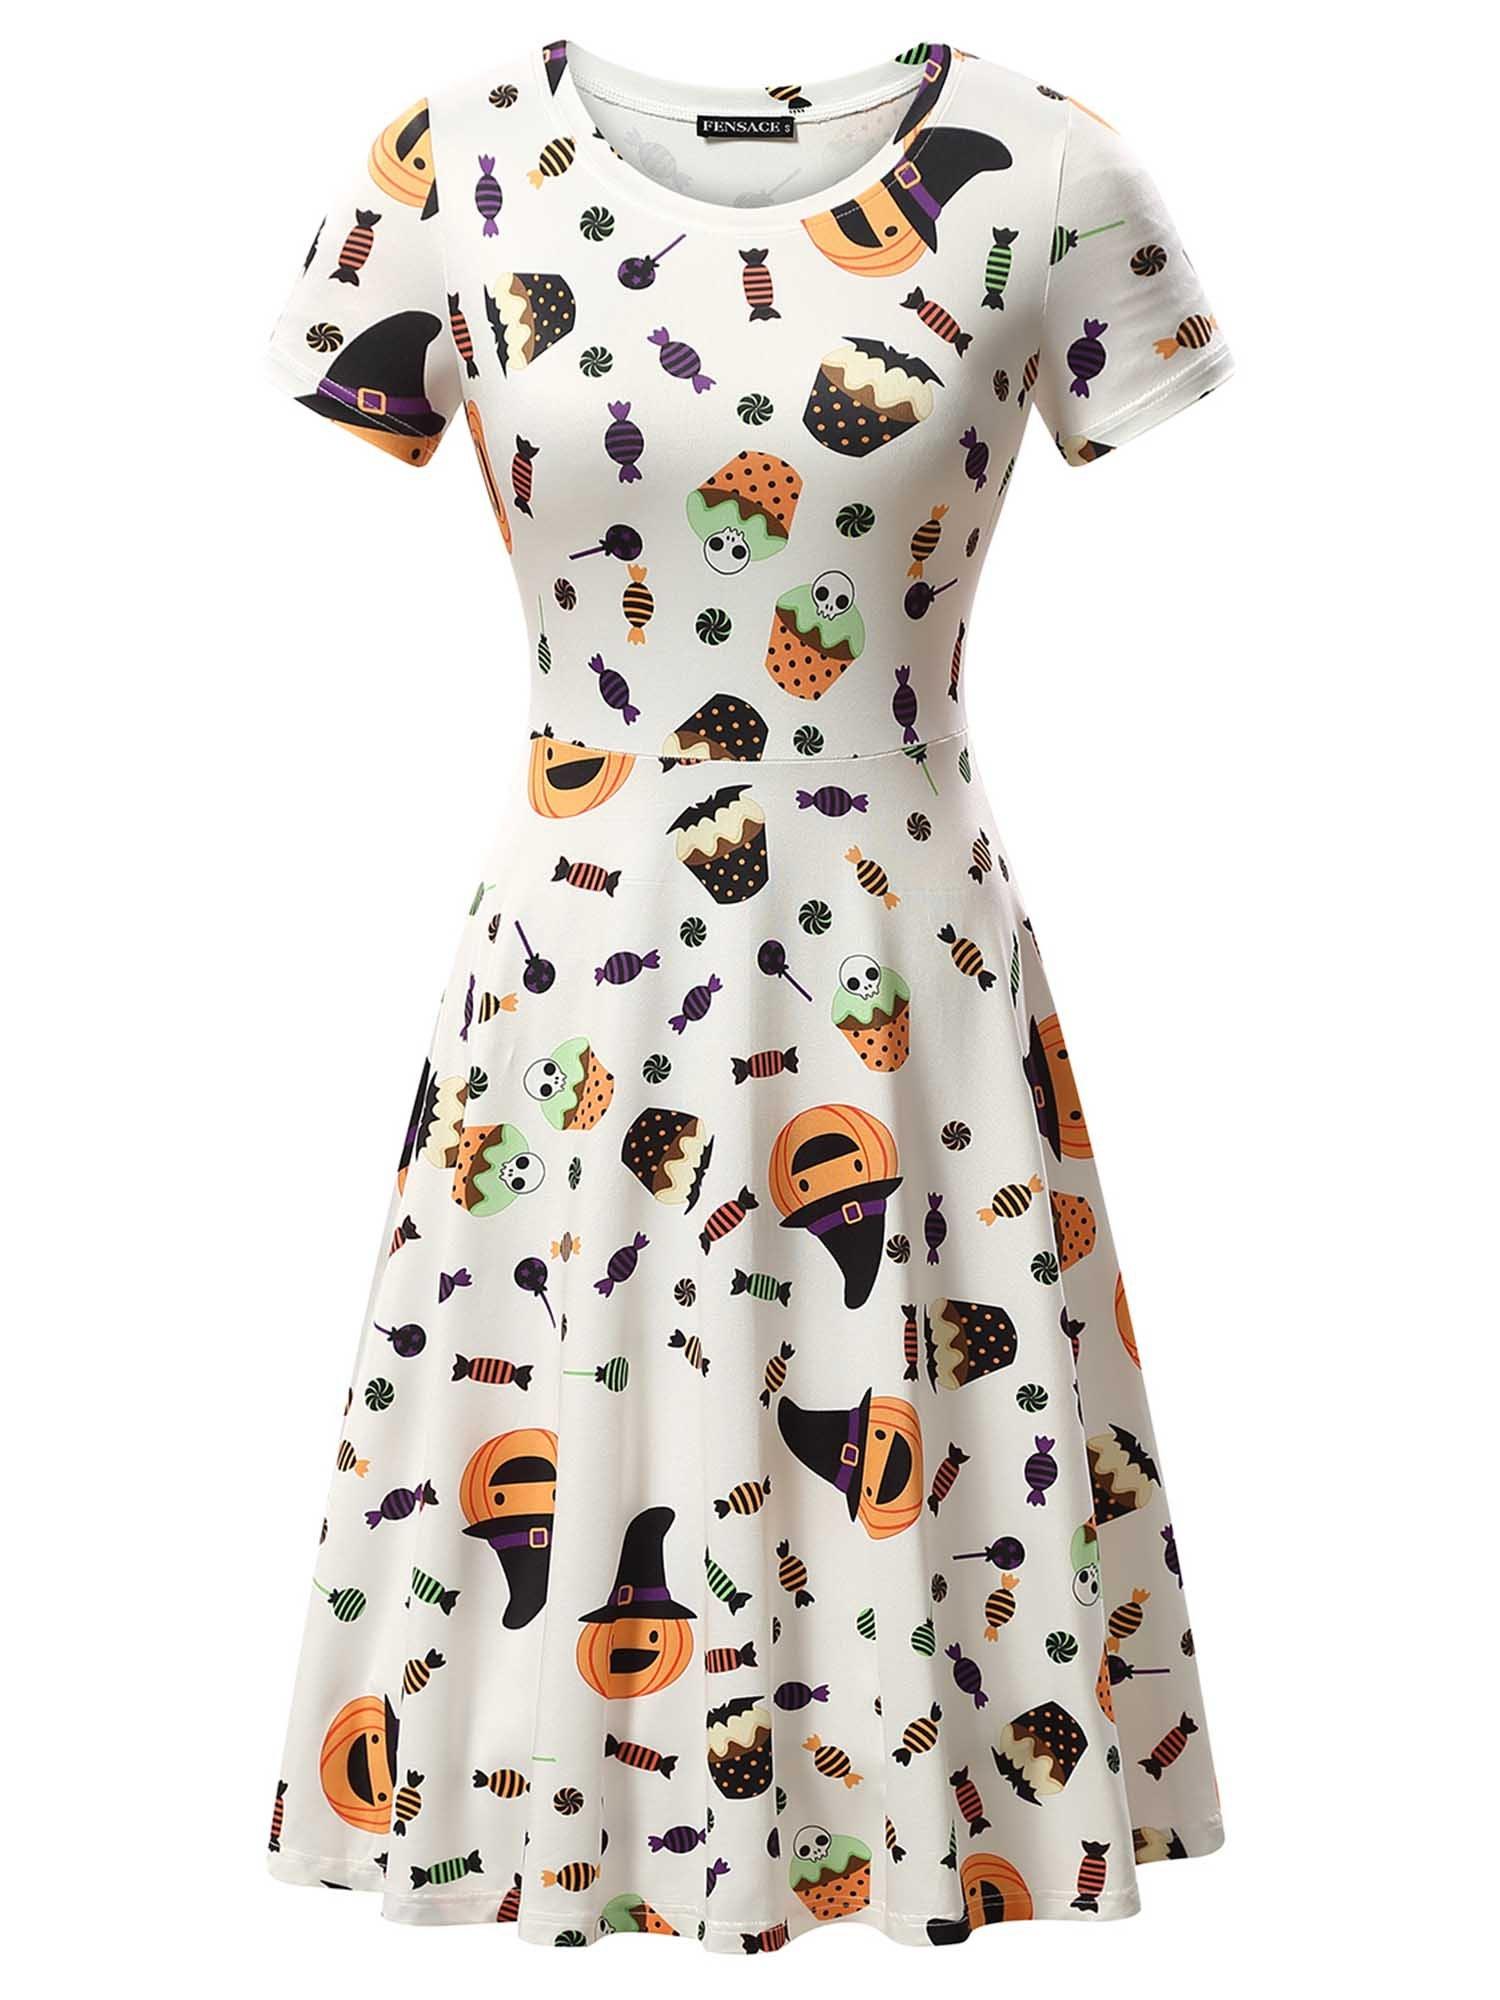 FENSACE Womens Short Sleeves Casual A-Line Halloween Pumpkin Dress, Candy, Small